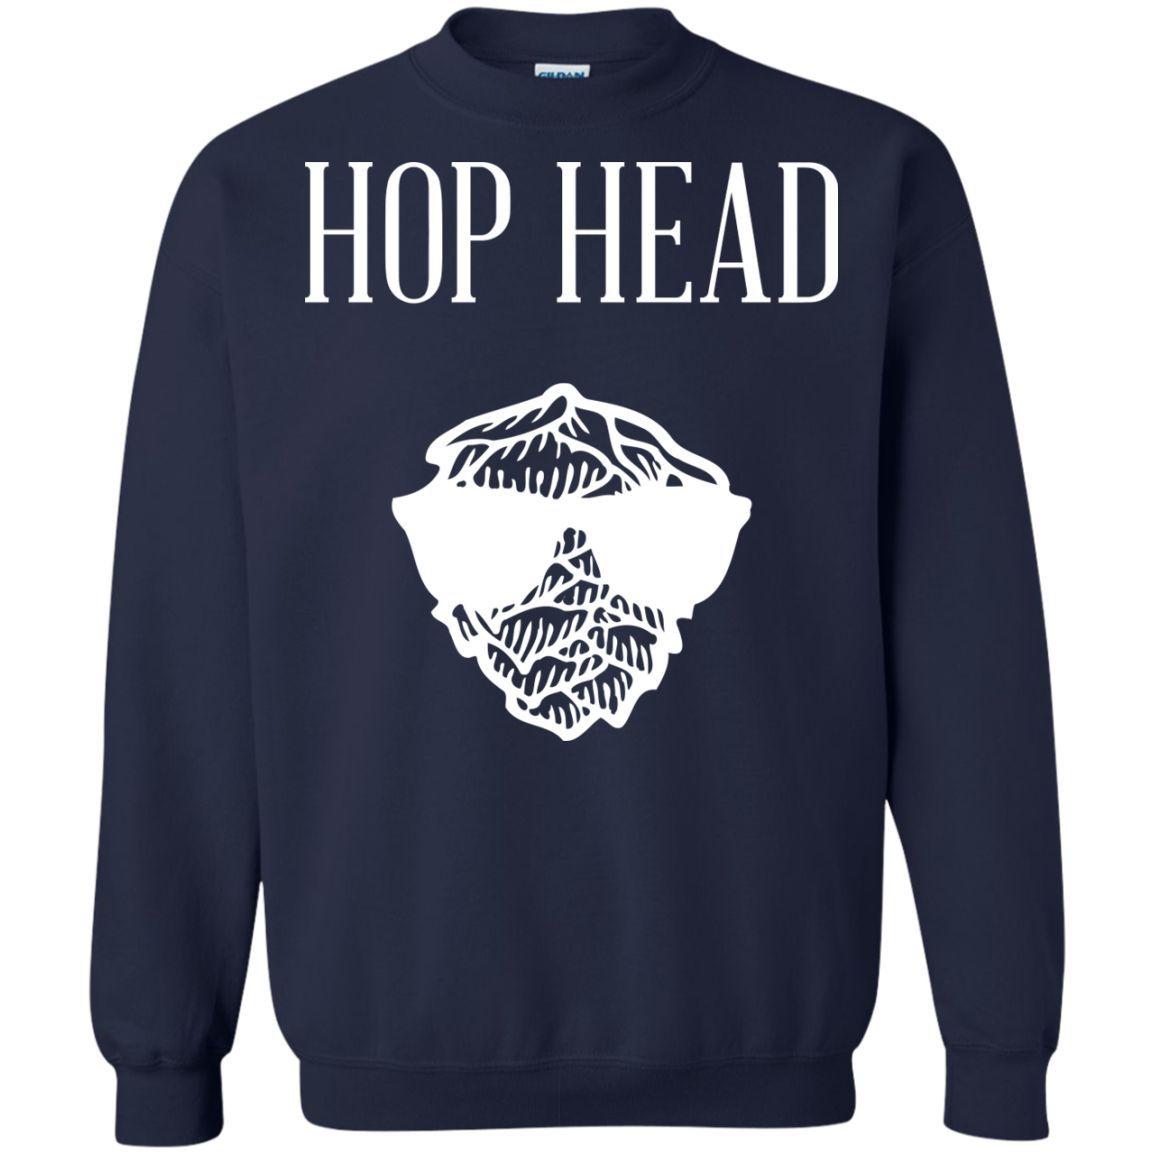 Hop Head Printed Crewneck Pullover Sweatshirt 8 oz